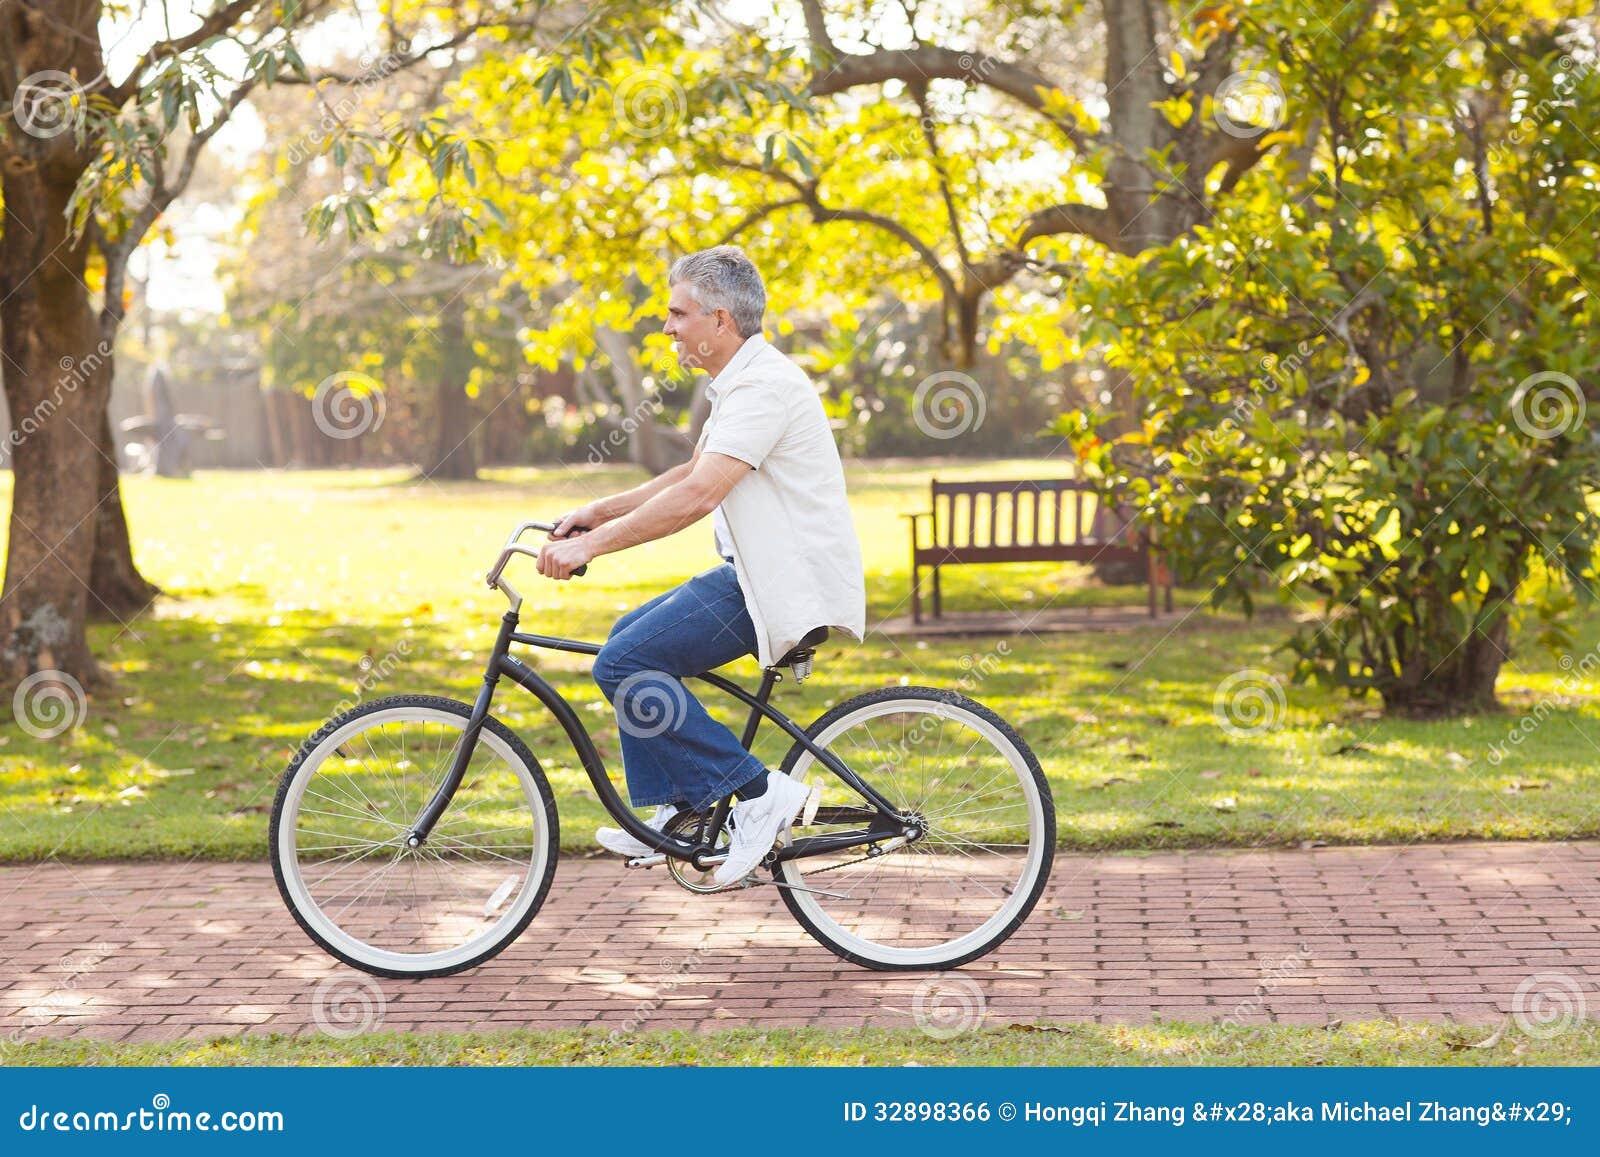 Велосипед катания человека